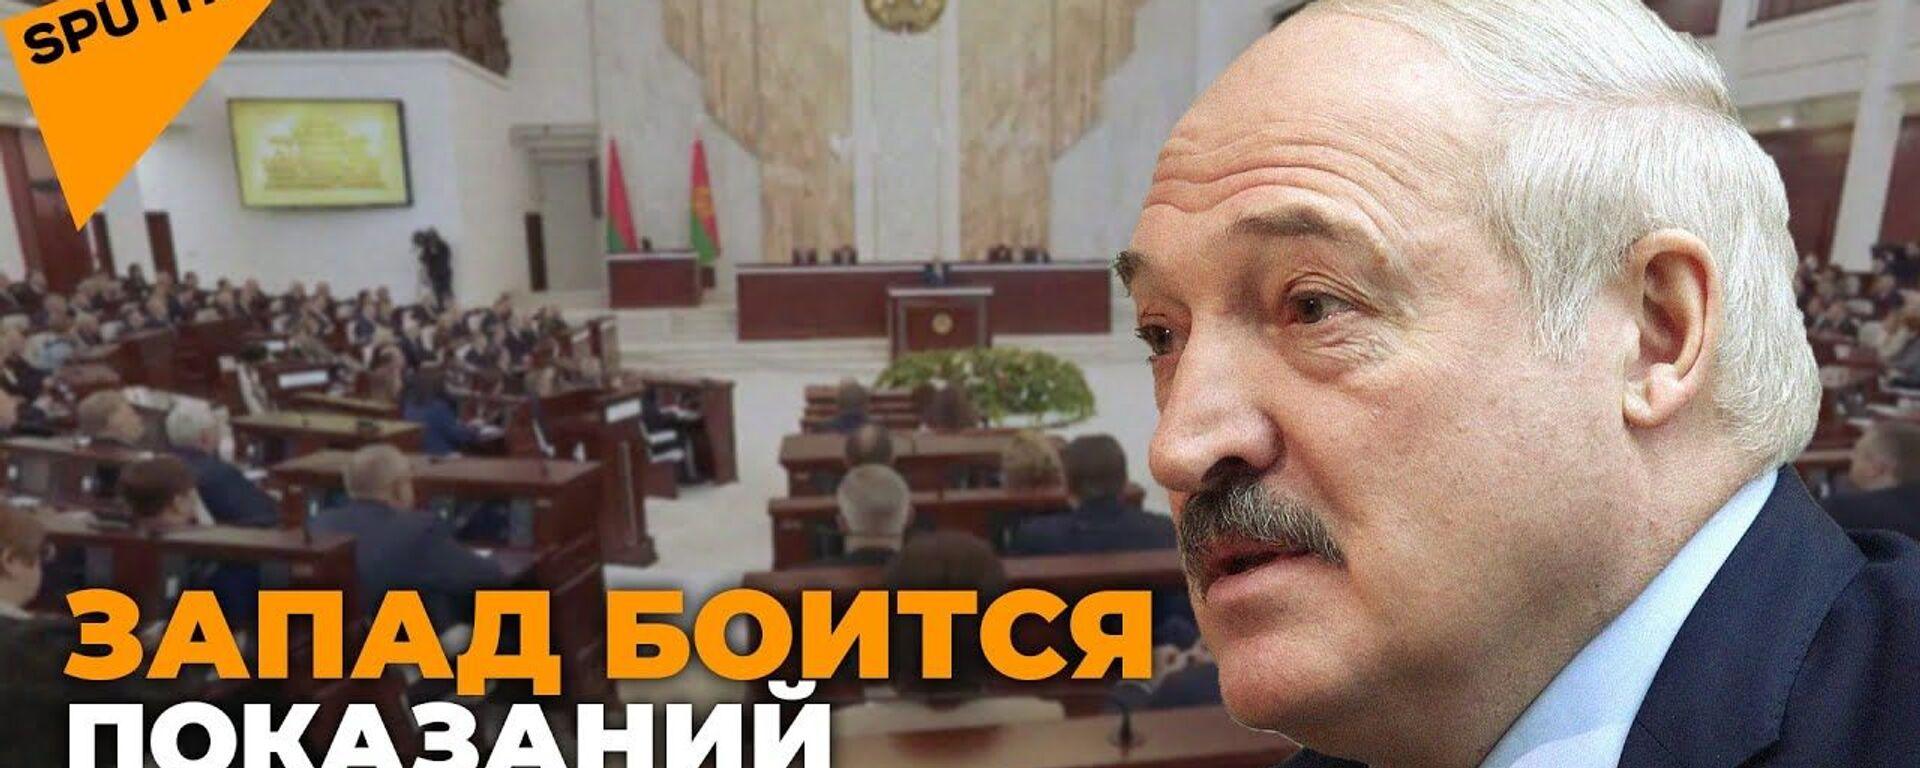 Кто на Западе боится разоблачений? Лукашенко обнародует показания задержанных в Минске - Sputnik Латвия, 1920, 26.05.2021